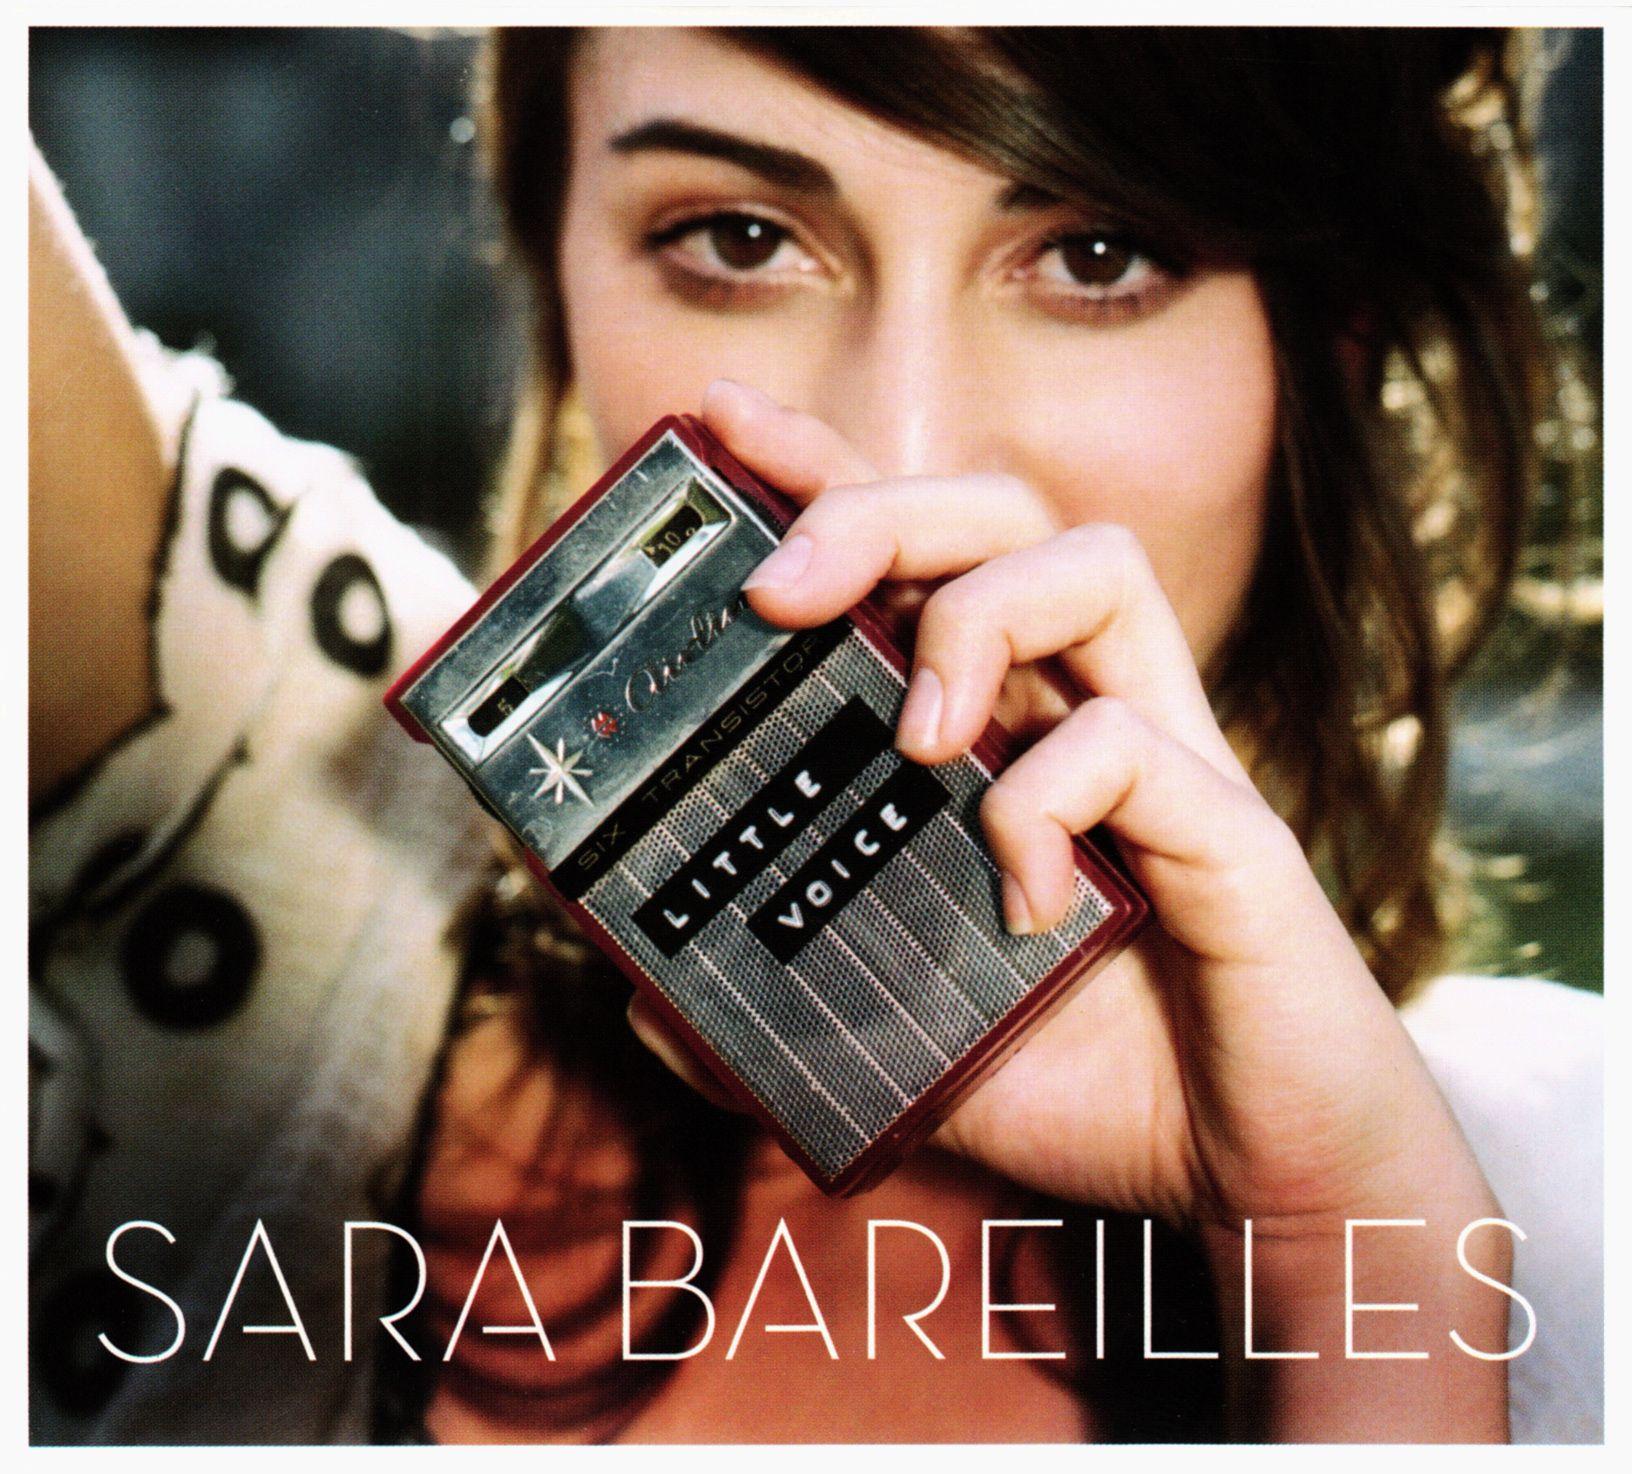 Sara Bareilles - Little Voice album cover